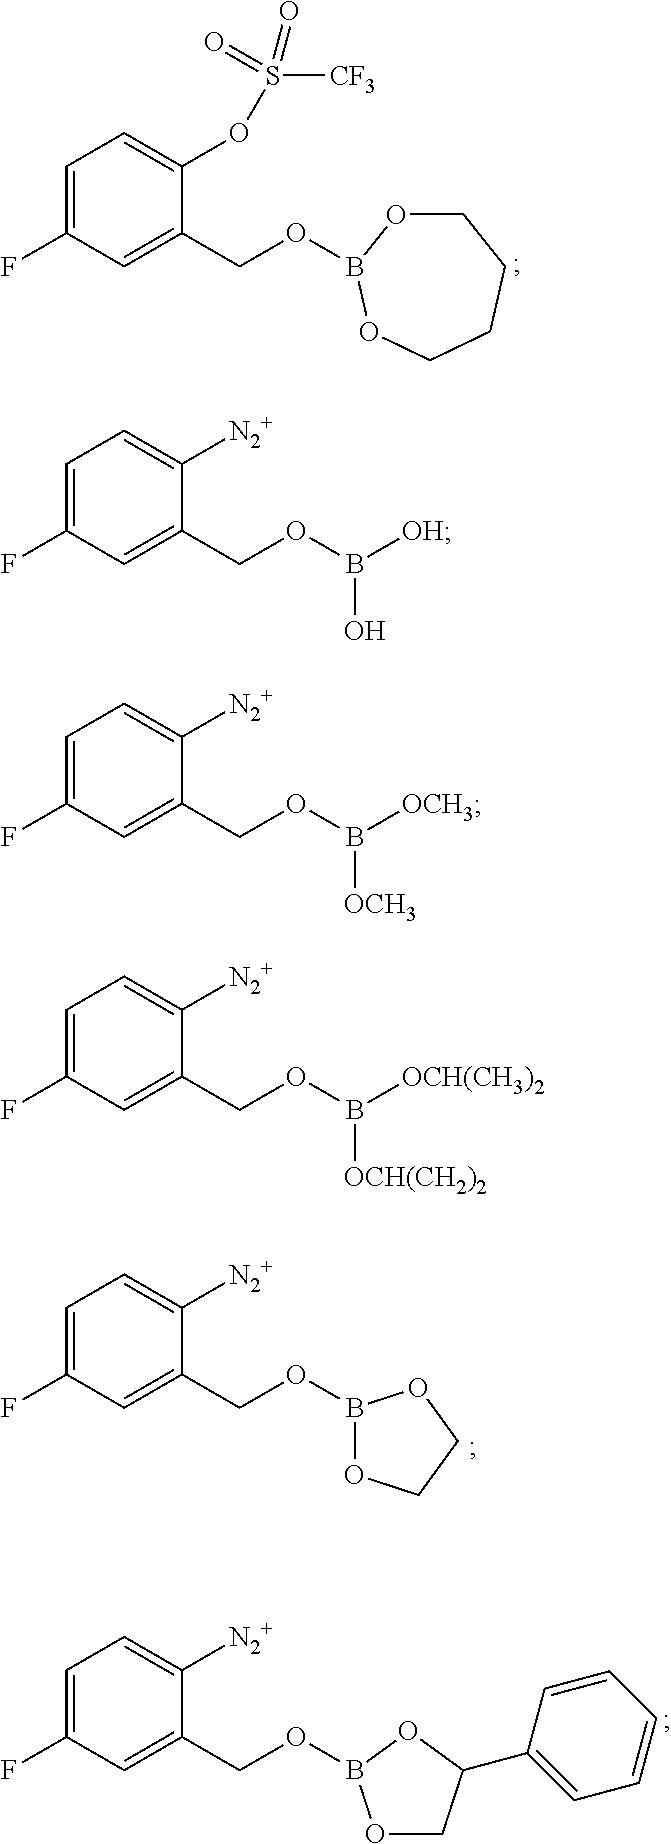 Figure US09566289-20170214-C00109